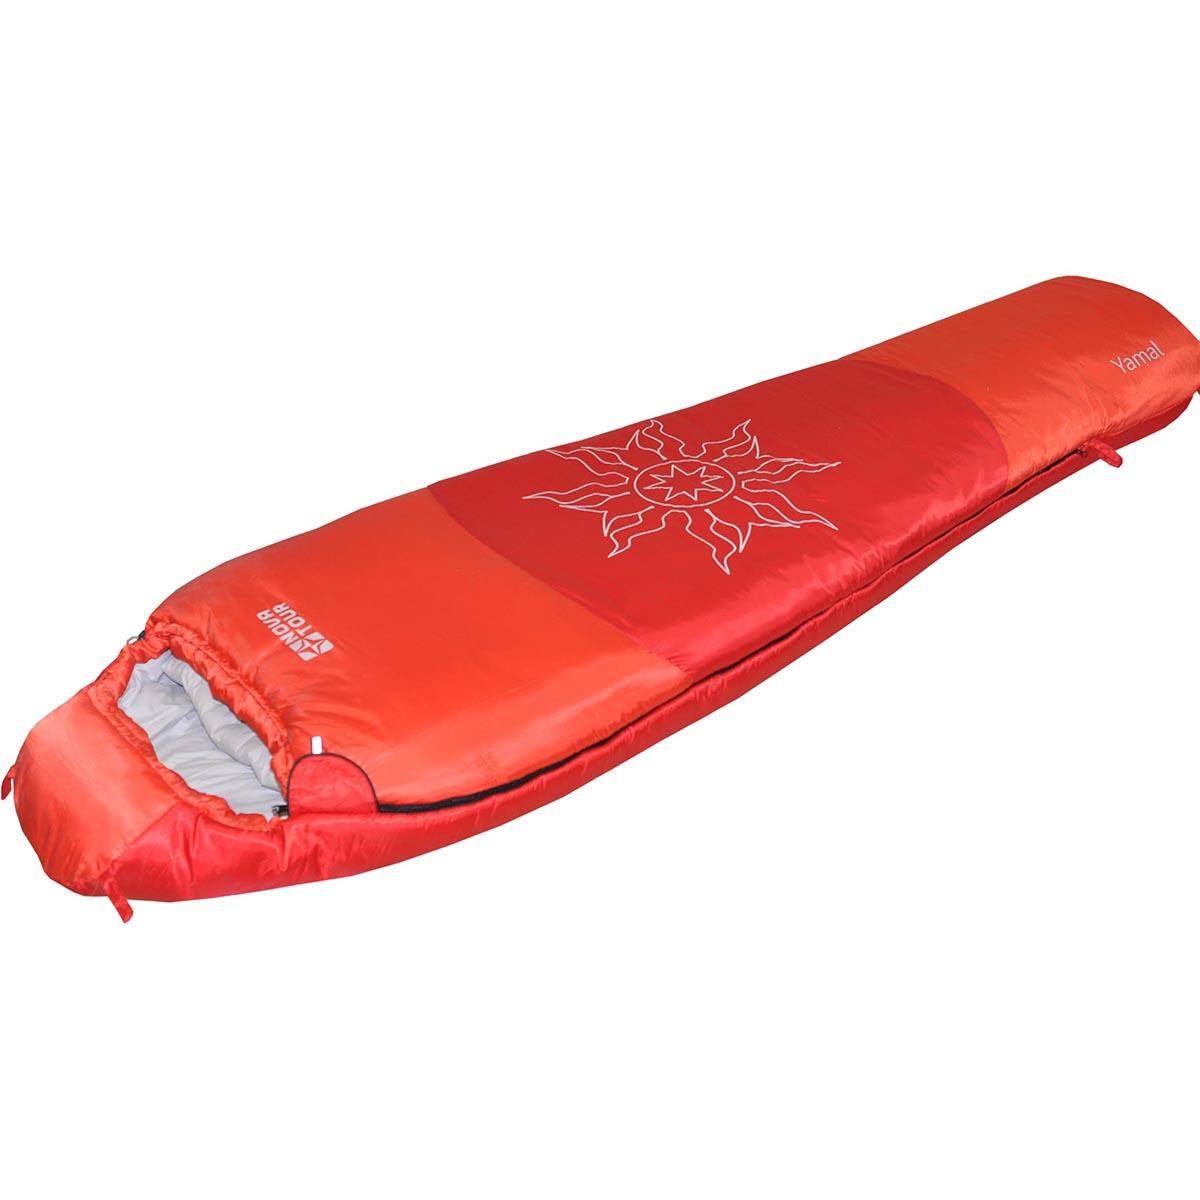 Спальный мешок Nova Tour Ямал -30 V2, цвет: красный, левосторонняя молнияATC-F-01Спальный мешок конструкции - кокон и синтетическим наполнителем для использования при очень низких температурах. Утягивающийся капюшон, шейный воротник - сохраняют тепло. Двухзамковая молния позволяет состегнуть два спальных мешка левого и правого исполнения в один двойной. Компрессионный мешок в комплекте.